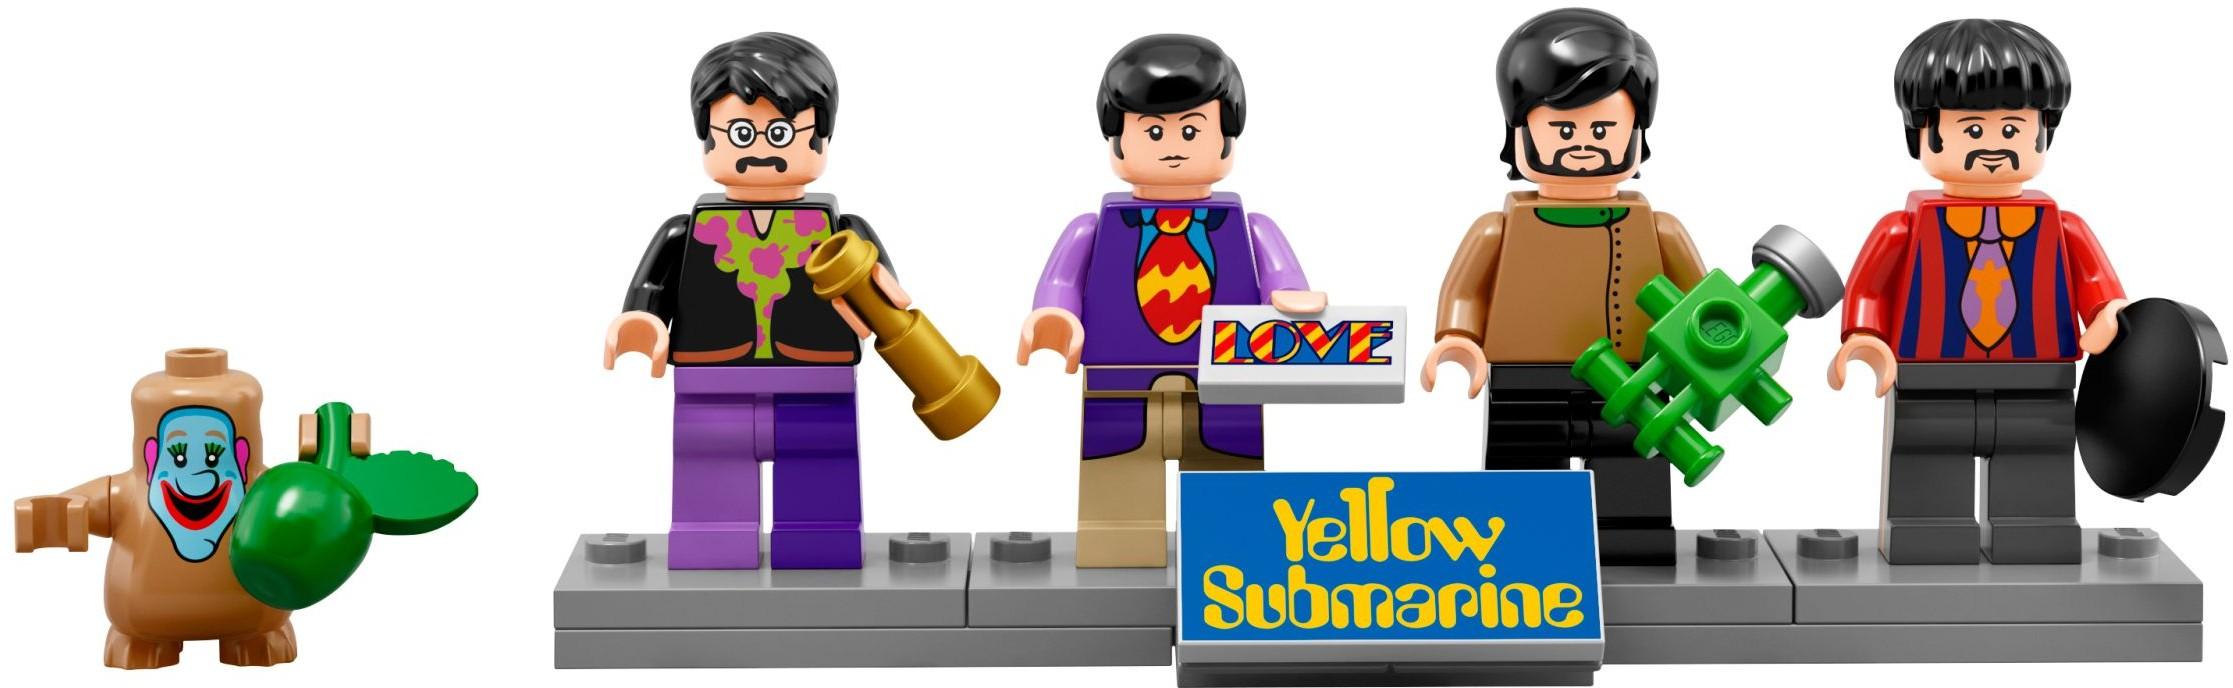 Mua đồ chơi LEGO 21306 - LEGO Ideas 21306 - Yellow Submarine của nhóm Beatles (LEGO Ideas Yellow Submarine 21306)